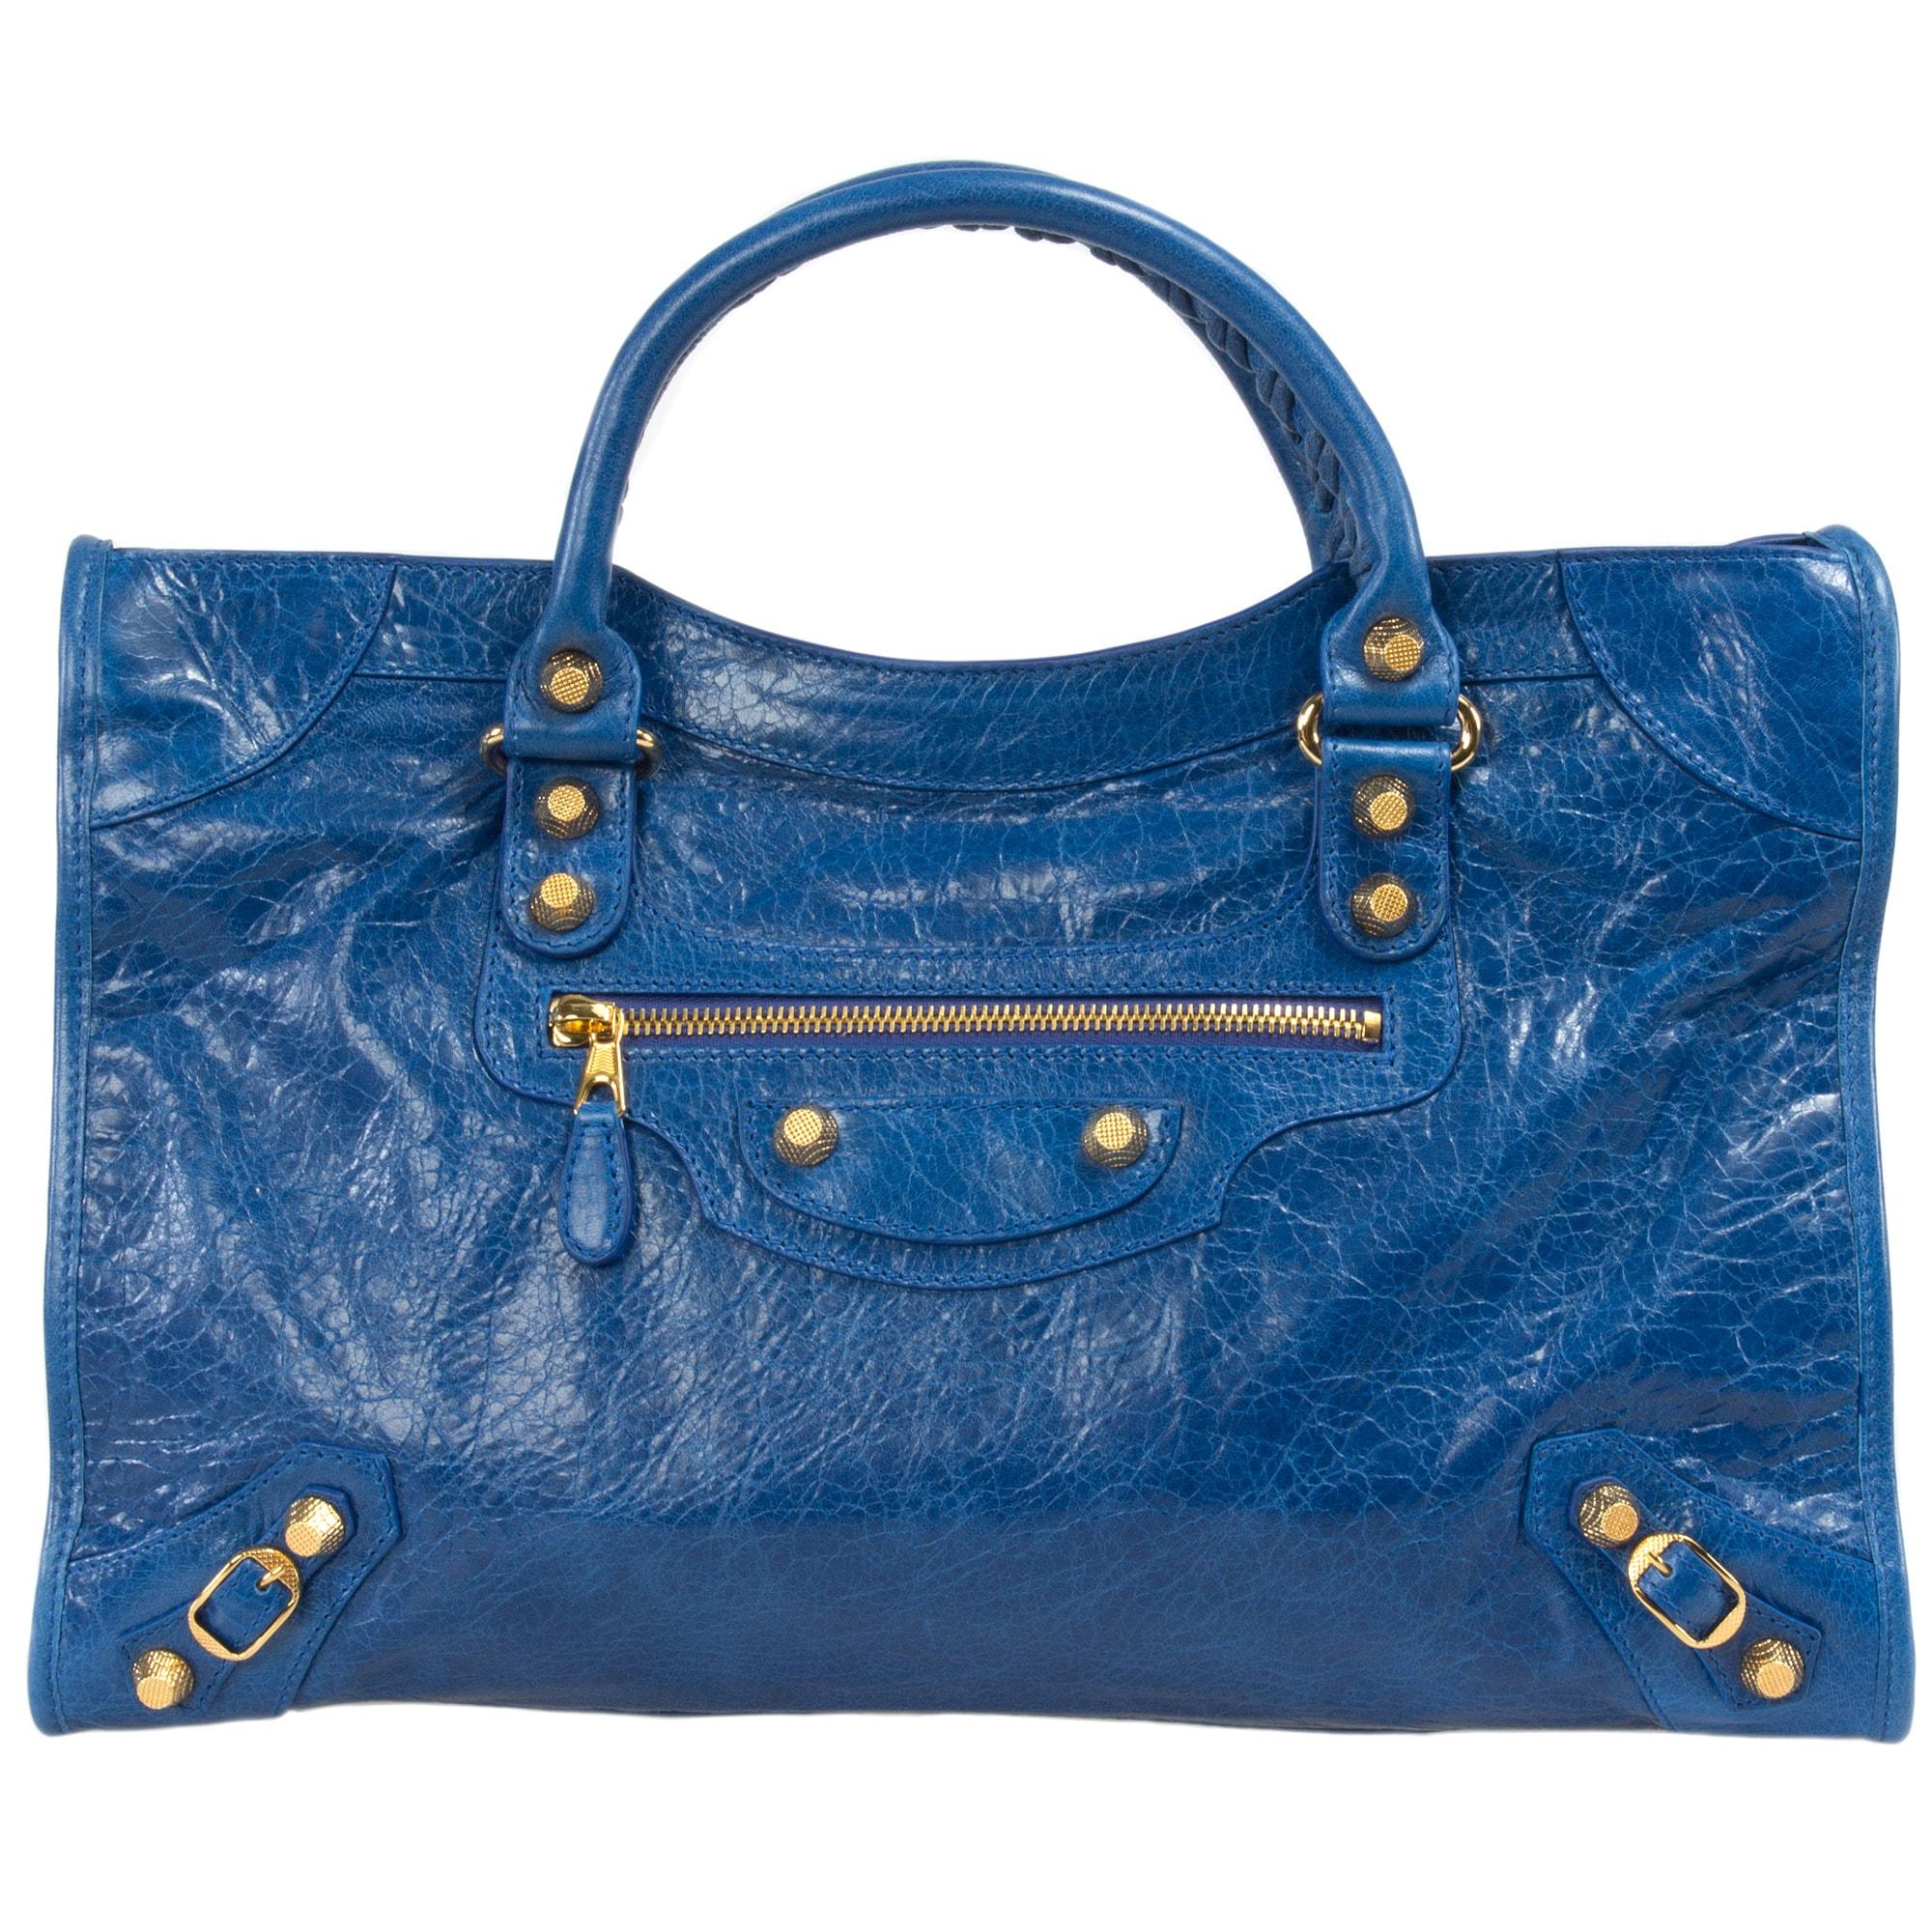 Balenciaga Giant 12 Gold City Medium Leather Bag in Bleu Lazuli